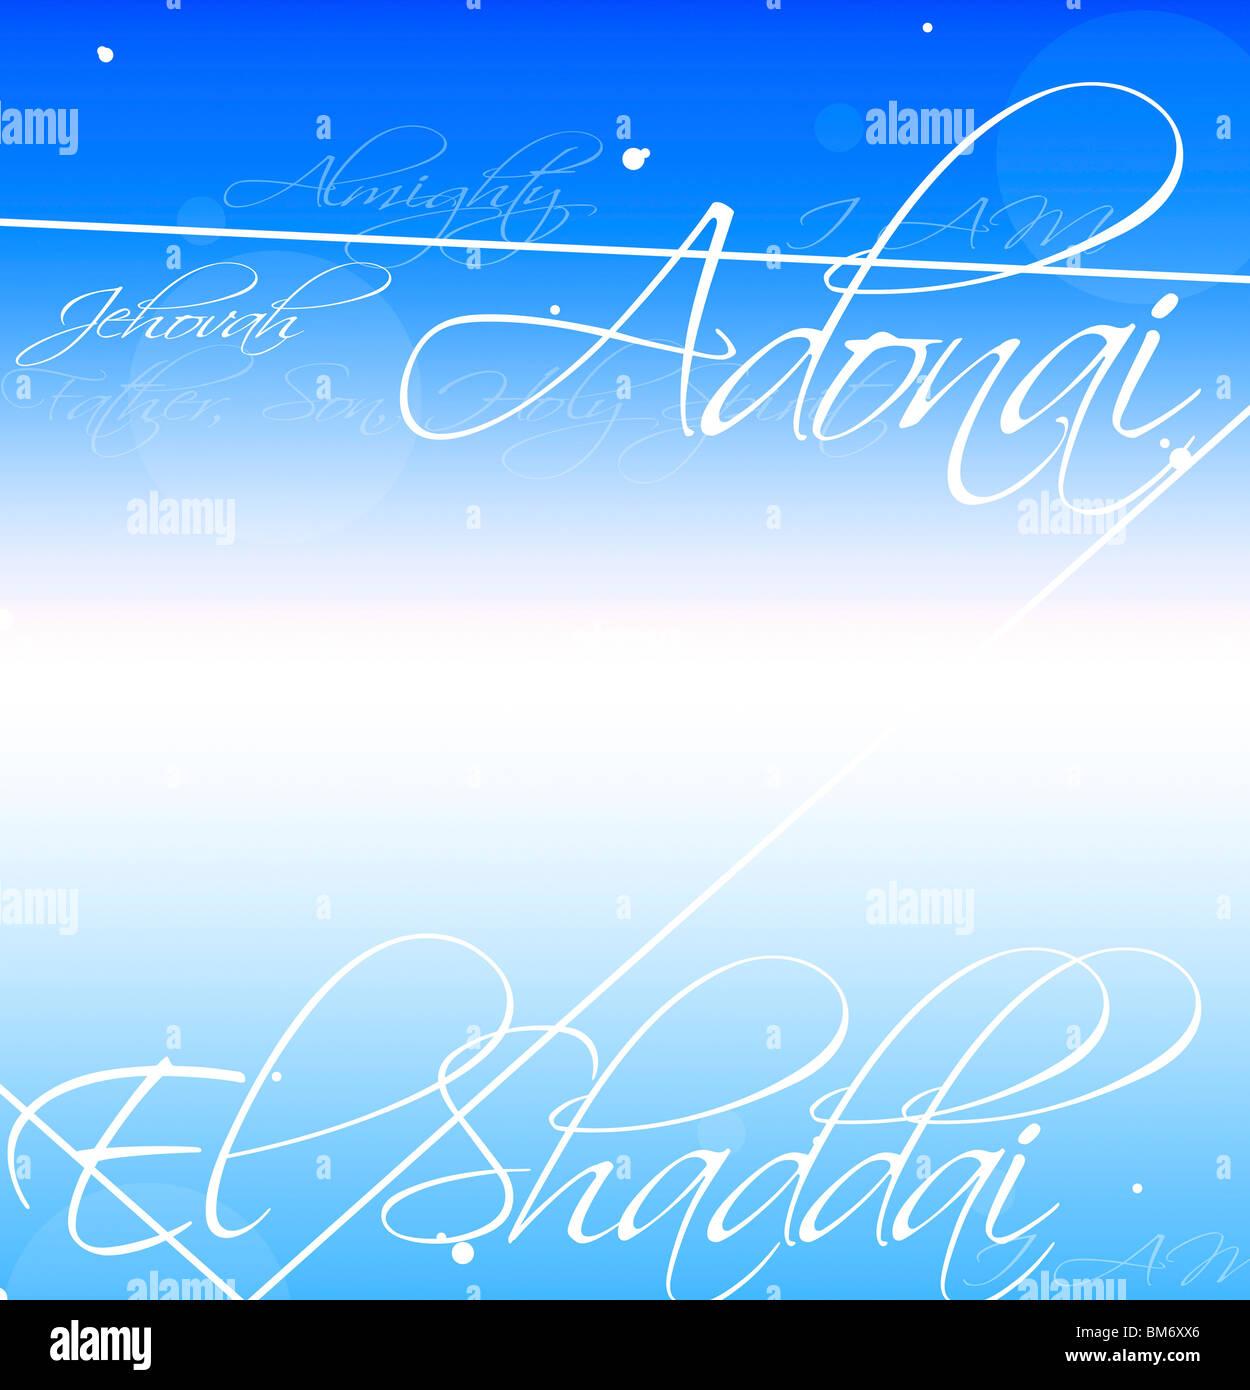 Decorative Writing Of Names For God (Adonai, El Shaddai, Jehovah) - Stock Image